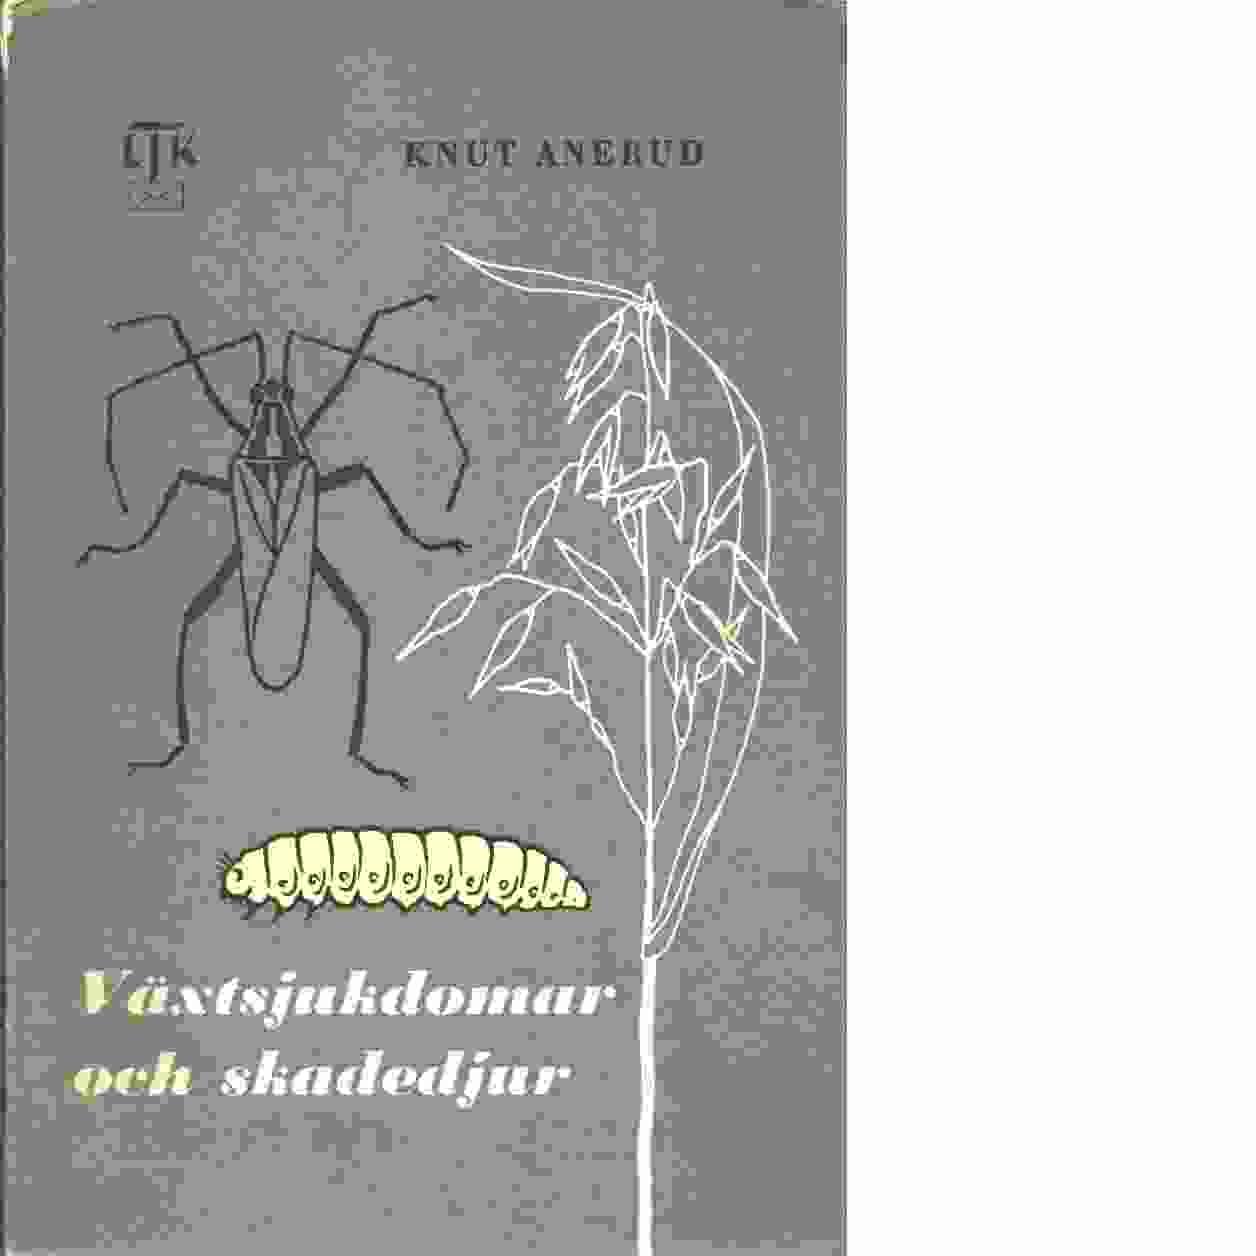 Växtsjukdomar och skadedjur  - Anerud, Knut